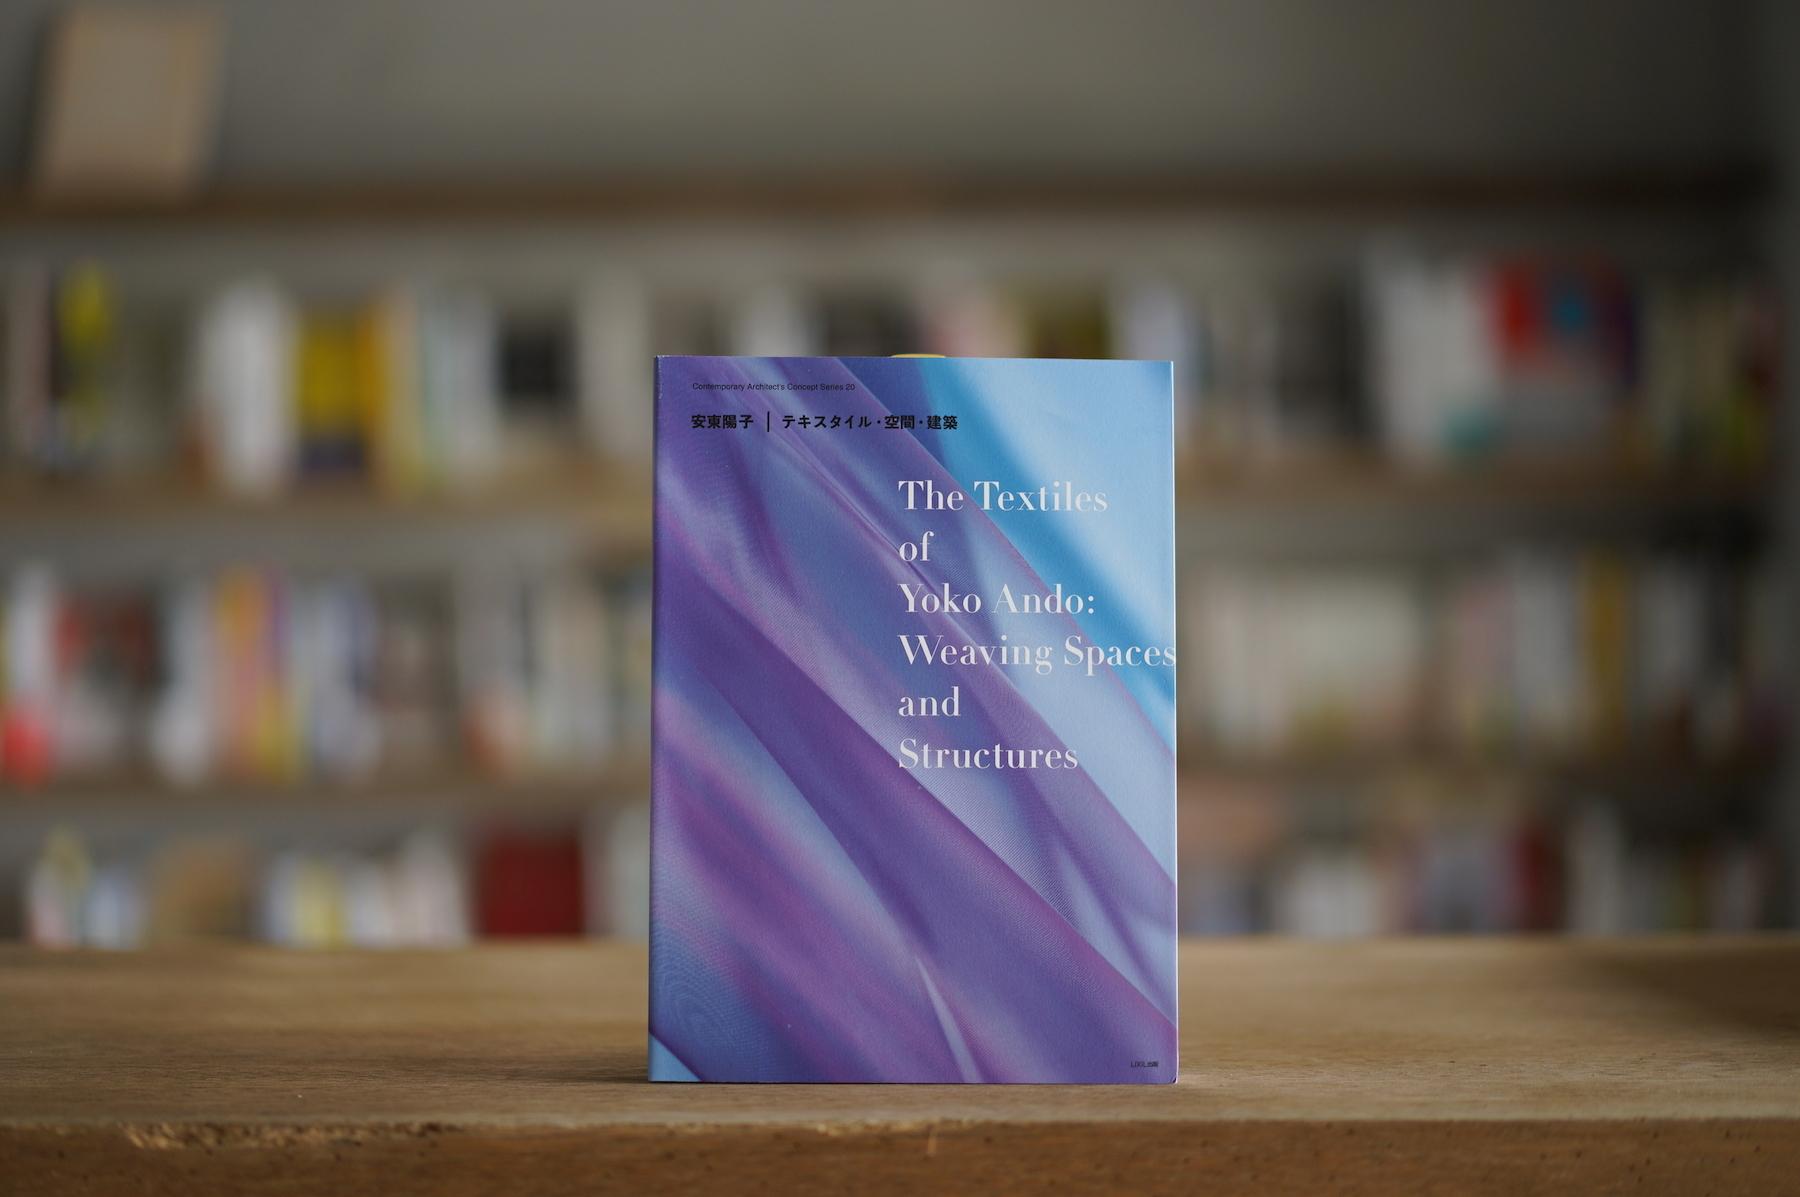 安東陽子 『テキスタイル・空間・建築』 (LIXIL出版、2015)